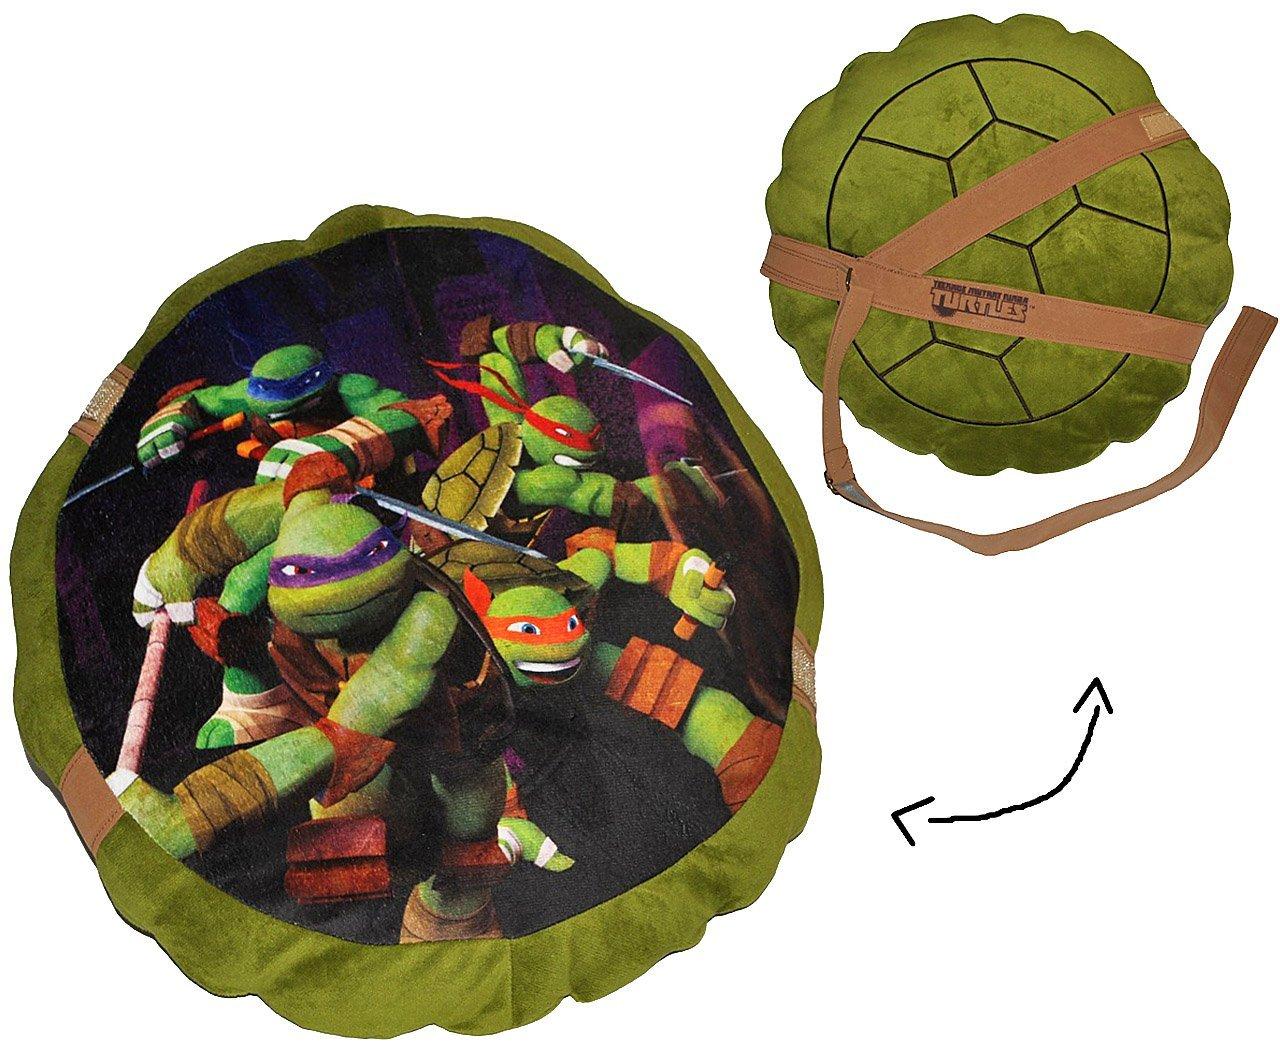 Kinde.. incl alles-meine.de GmbH 2 in 1: Kissen 44 cm * 44 cm Kuschelkissen // Schildkr/ötenpanzer Name Schildkr/öte Teenage Mutant Ninja Turtles gro/ß sehr weich // Turtle